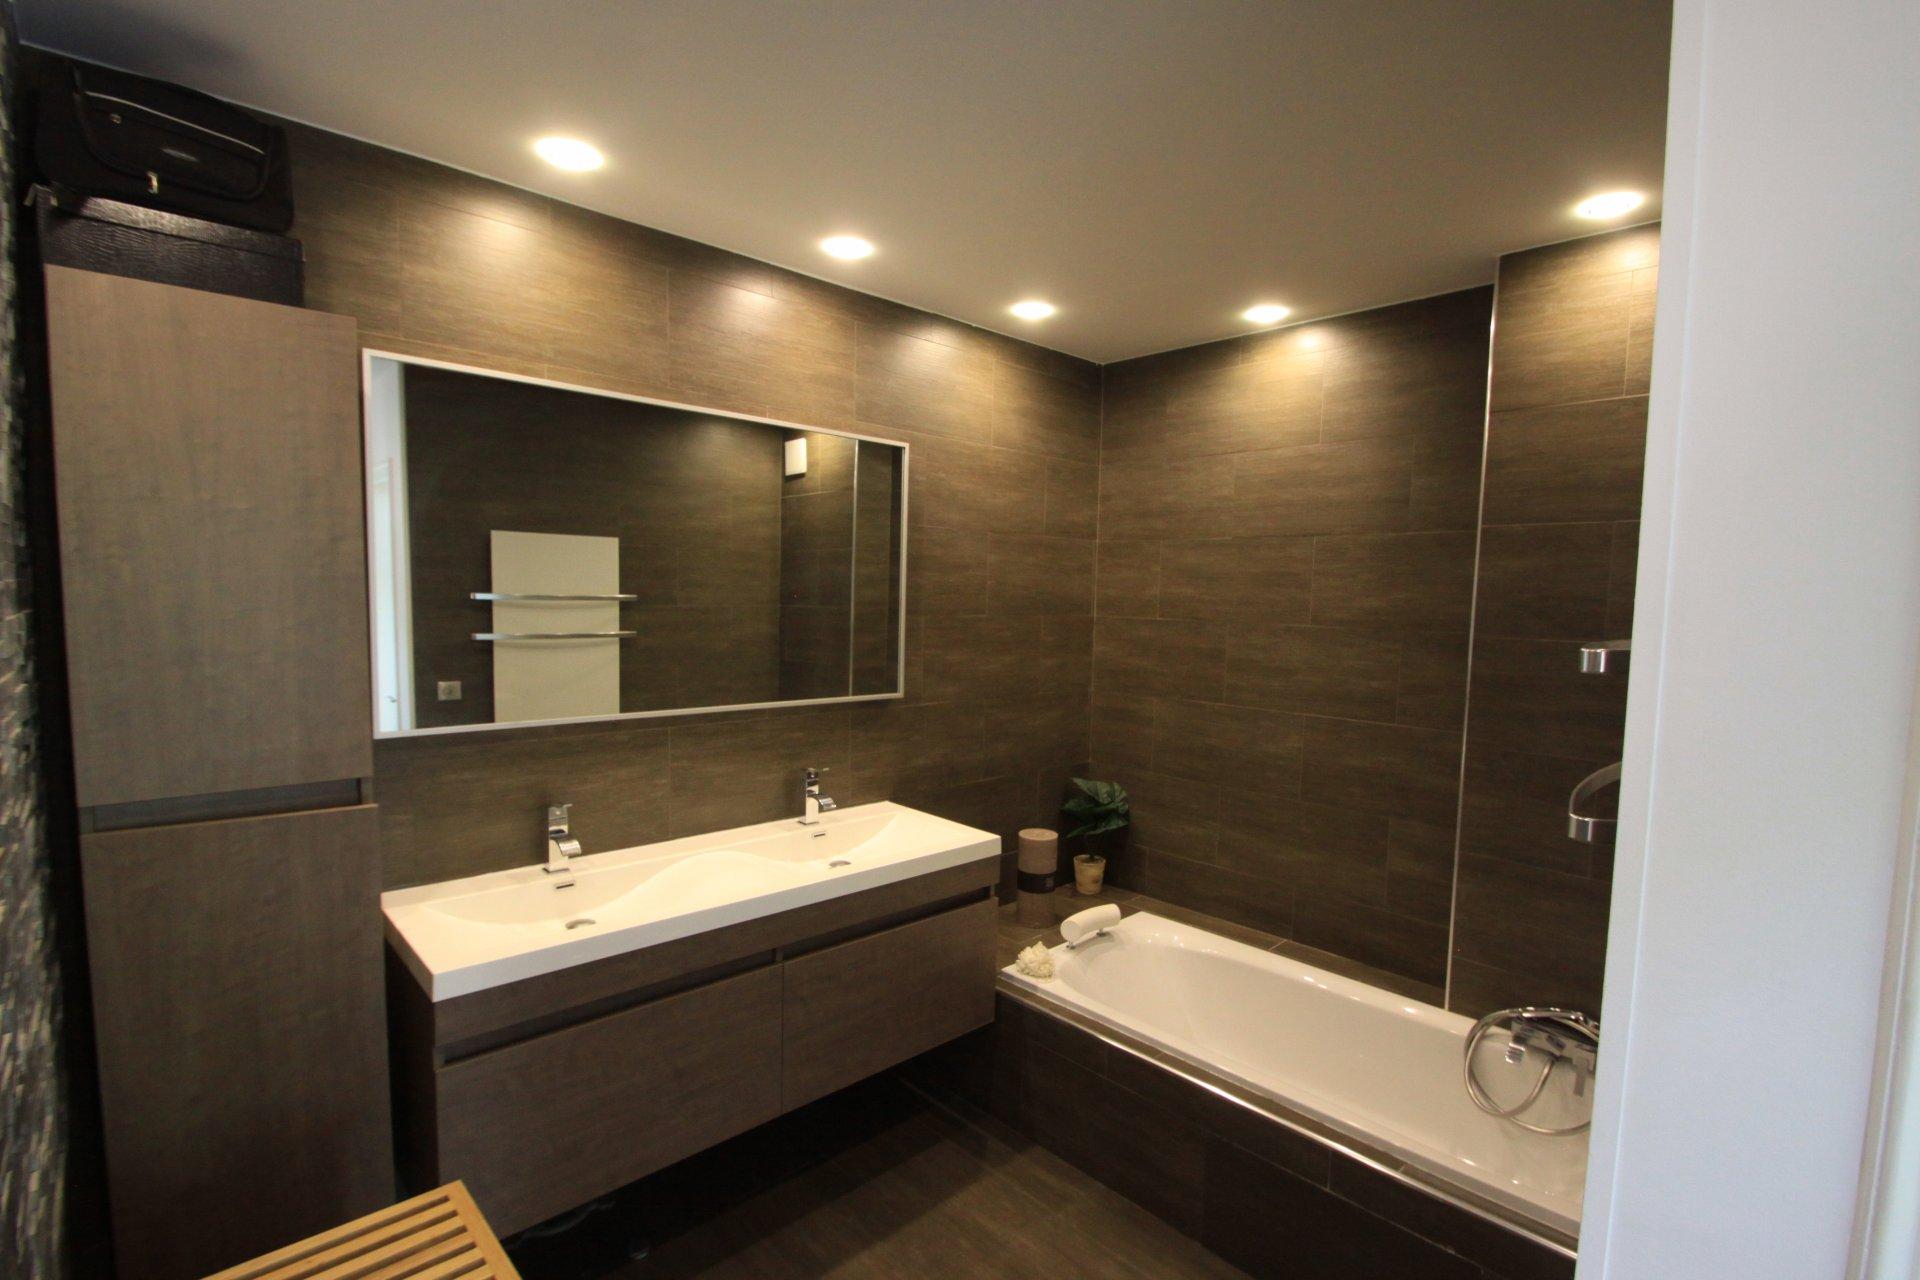 Très belle rénovation pour ce 3 pièces d'environ 81m²,en premier et dernier étage, cuisine américaine, ...